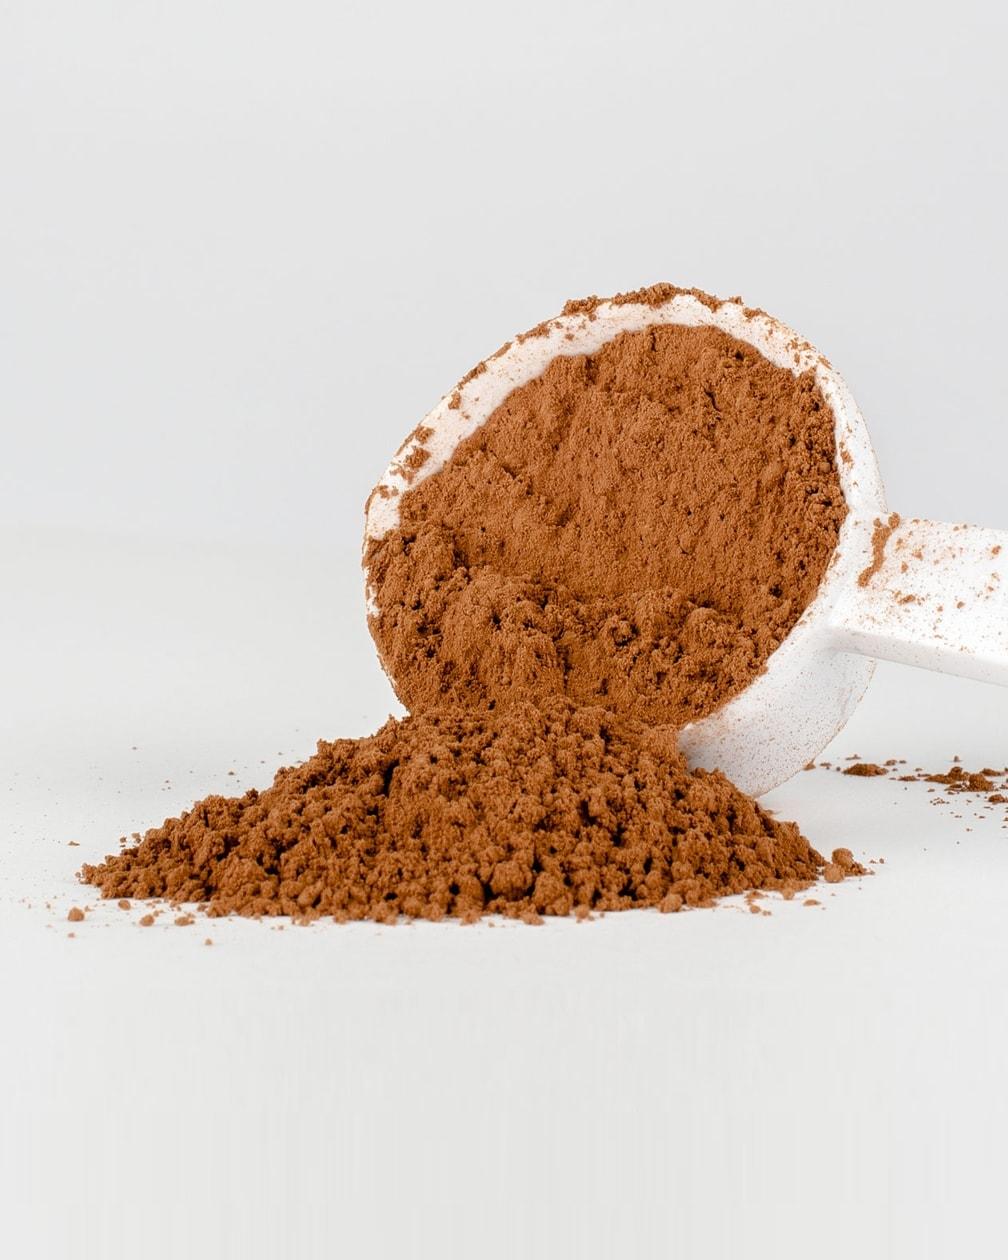 1047_Raw_Cacao_Powder_Detail_1260px